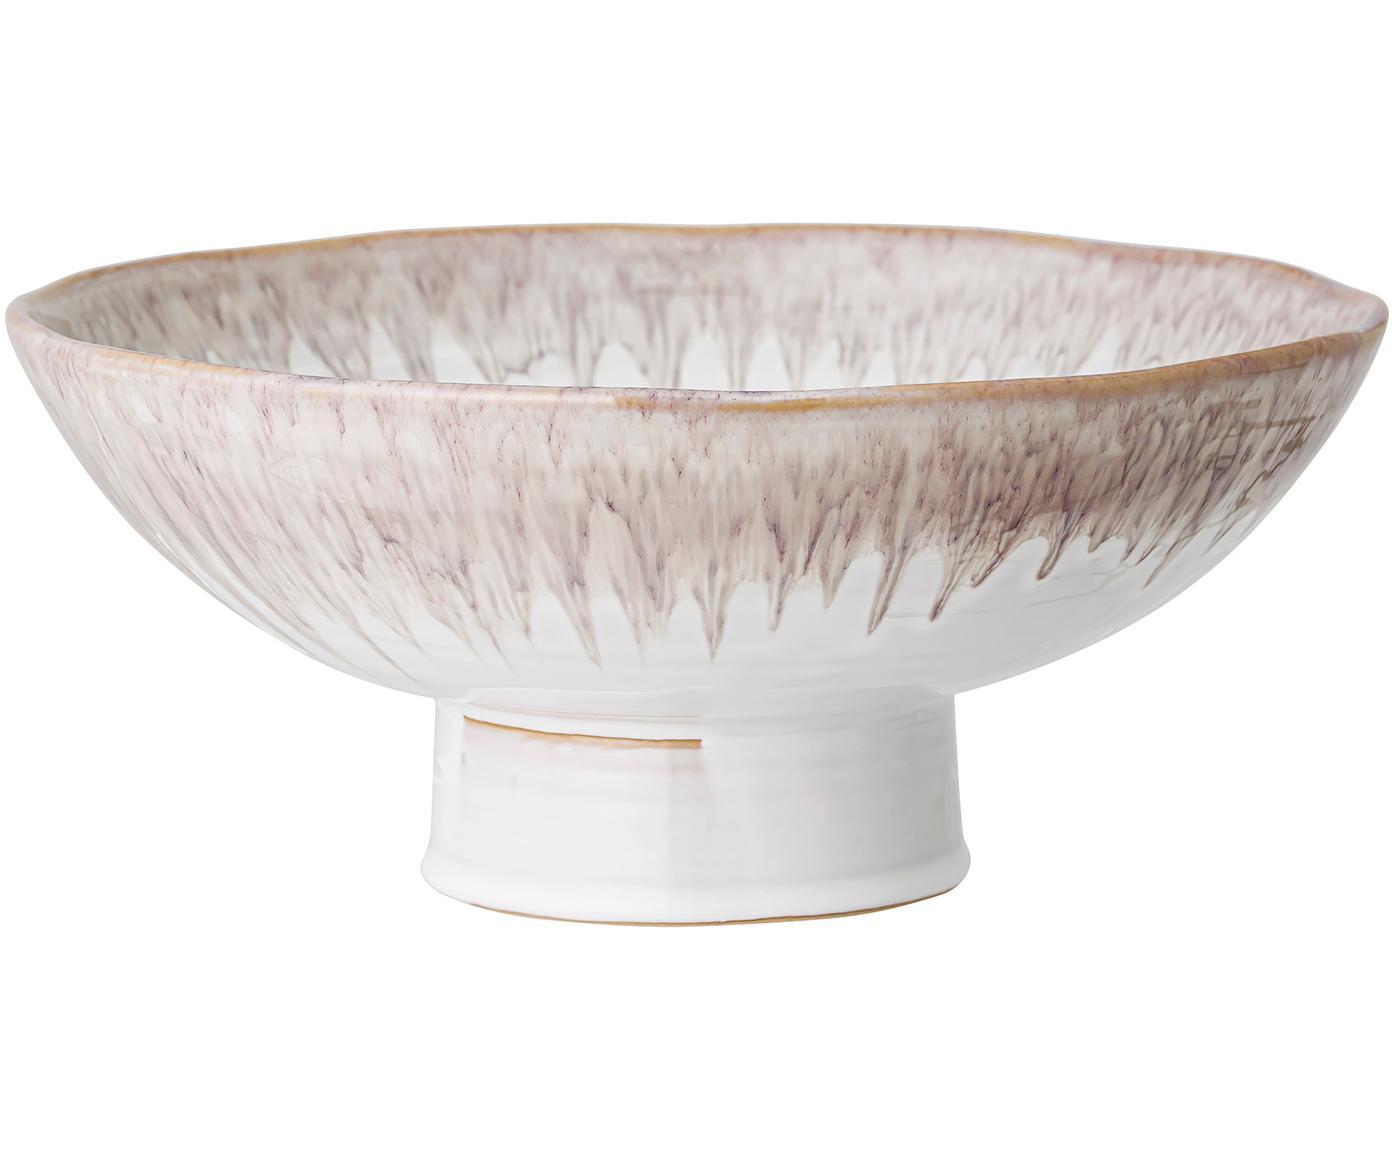 Handgemaakte schaal Caya, Keramiek, Beige, Ø 31 cm